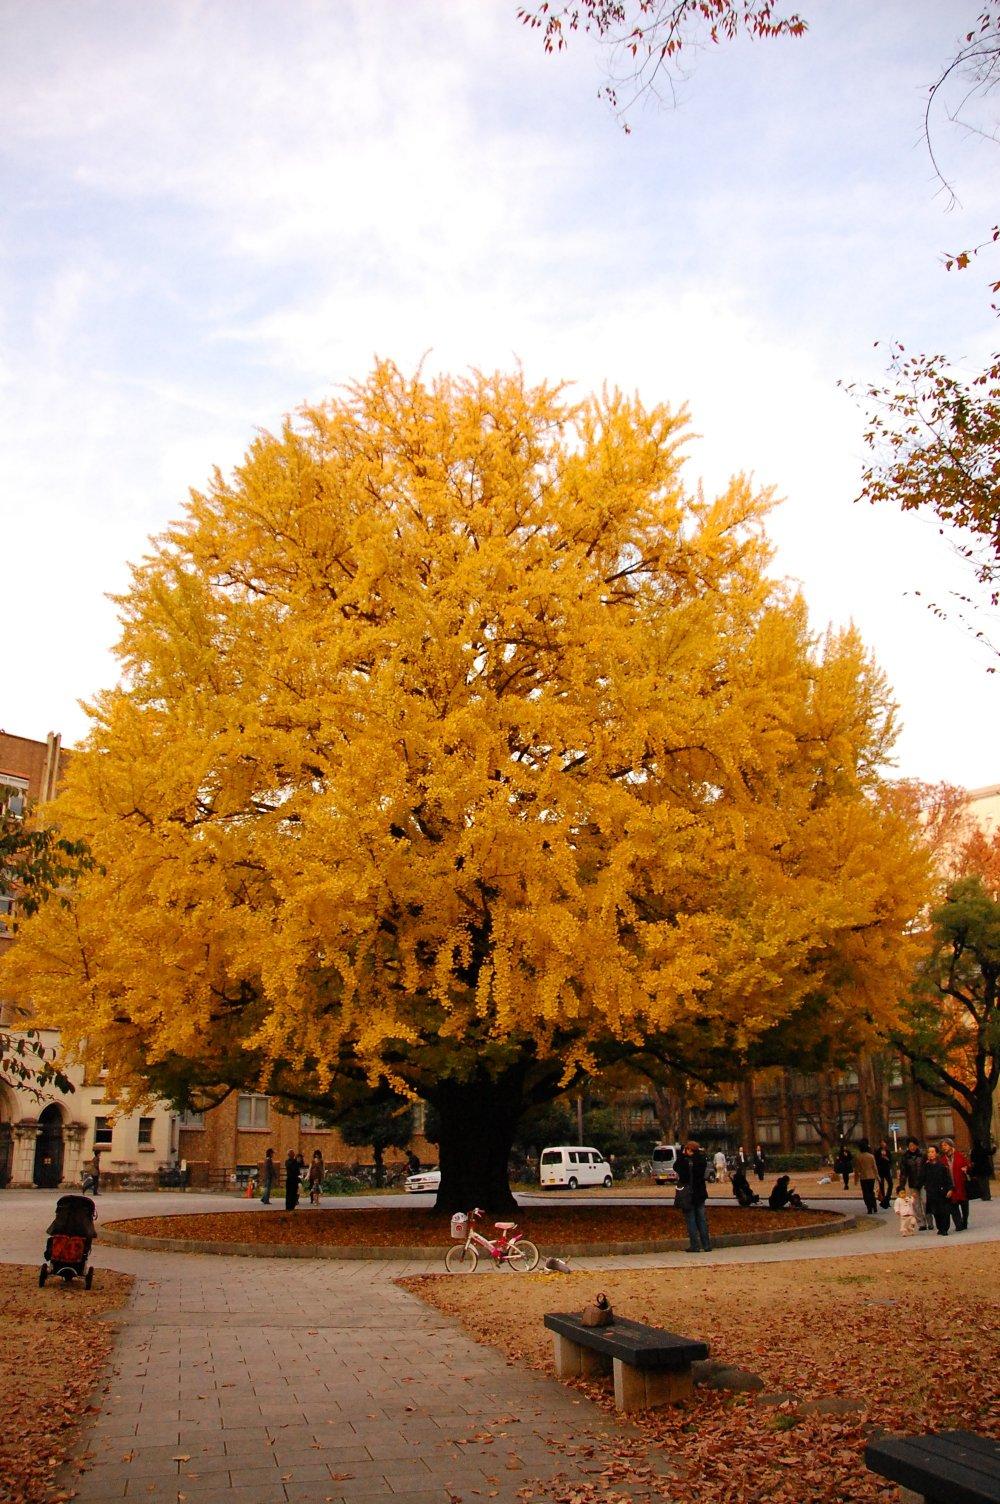 Pohon Ginkgo besar di depan salah satu gedung Teknik